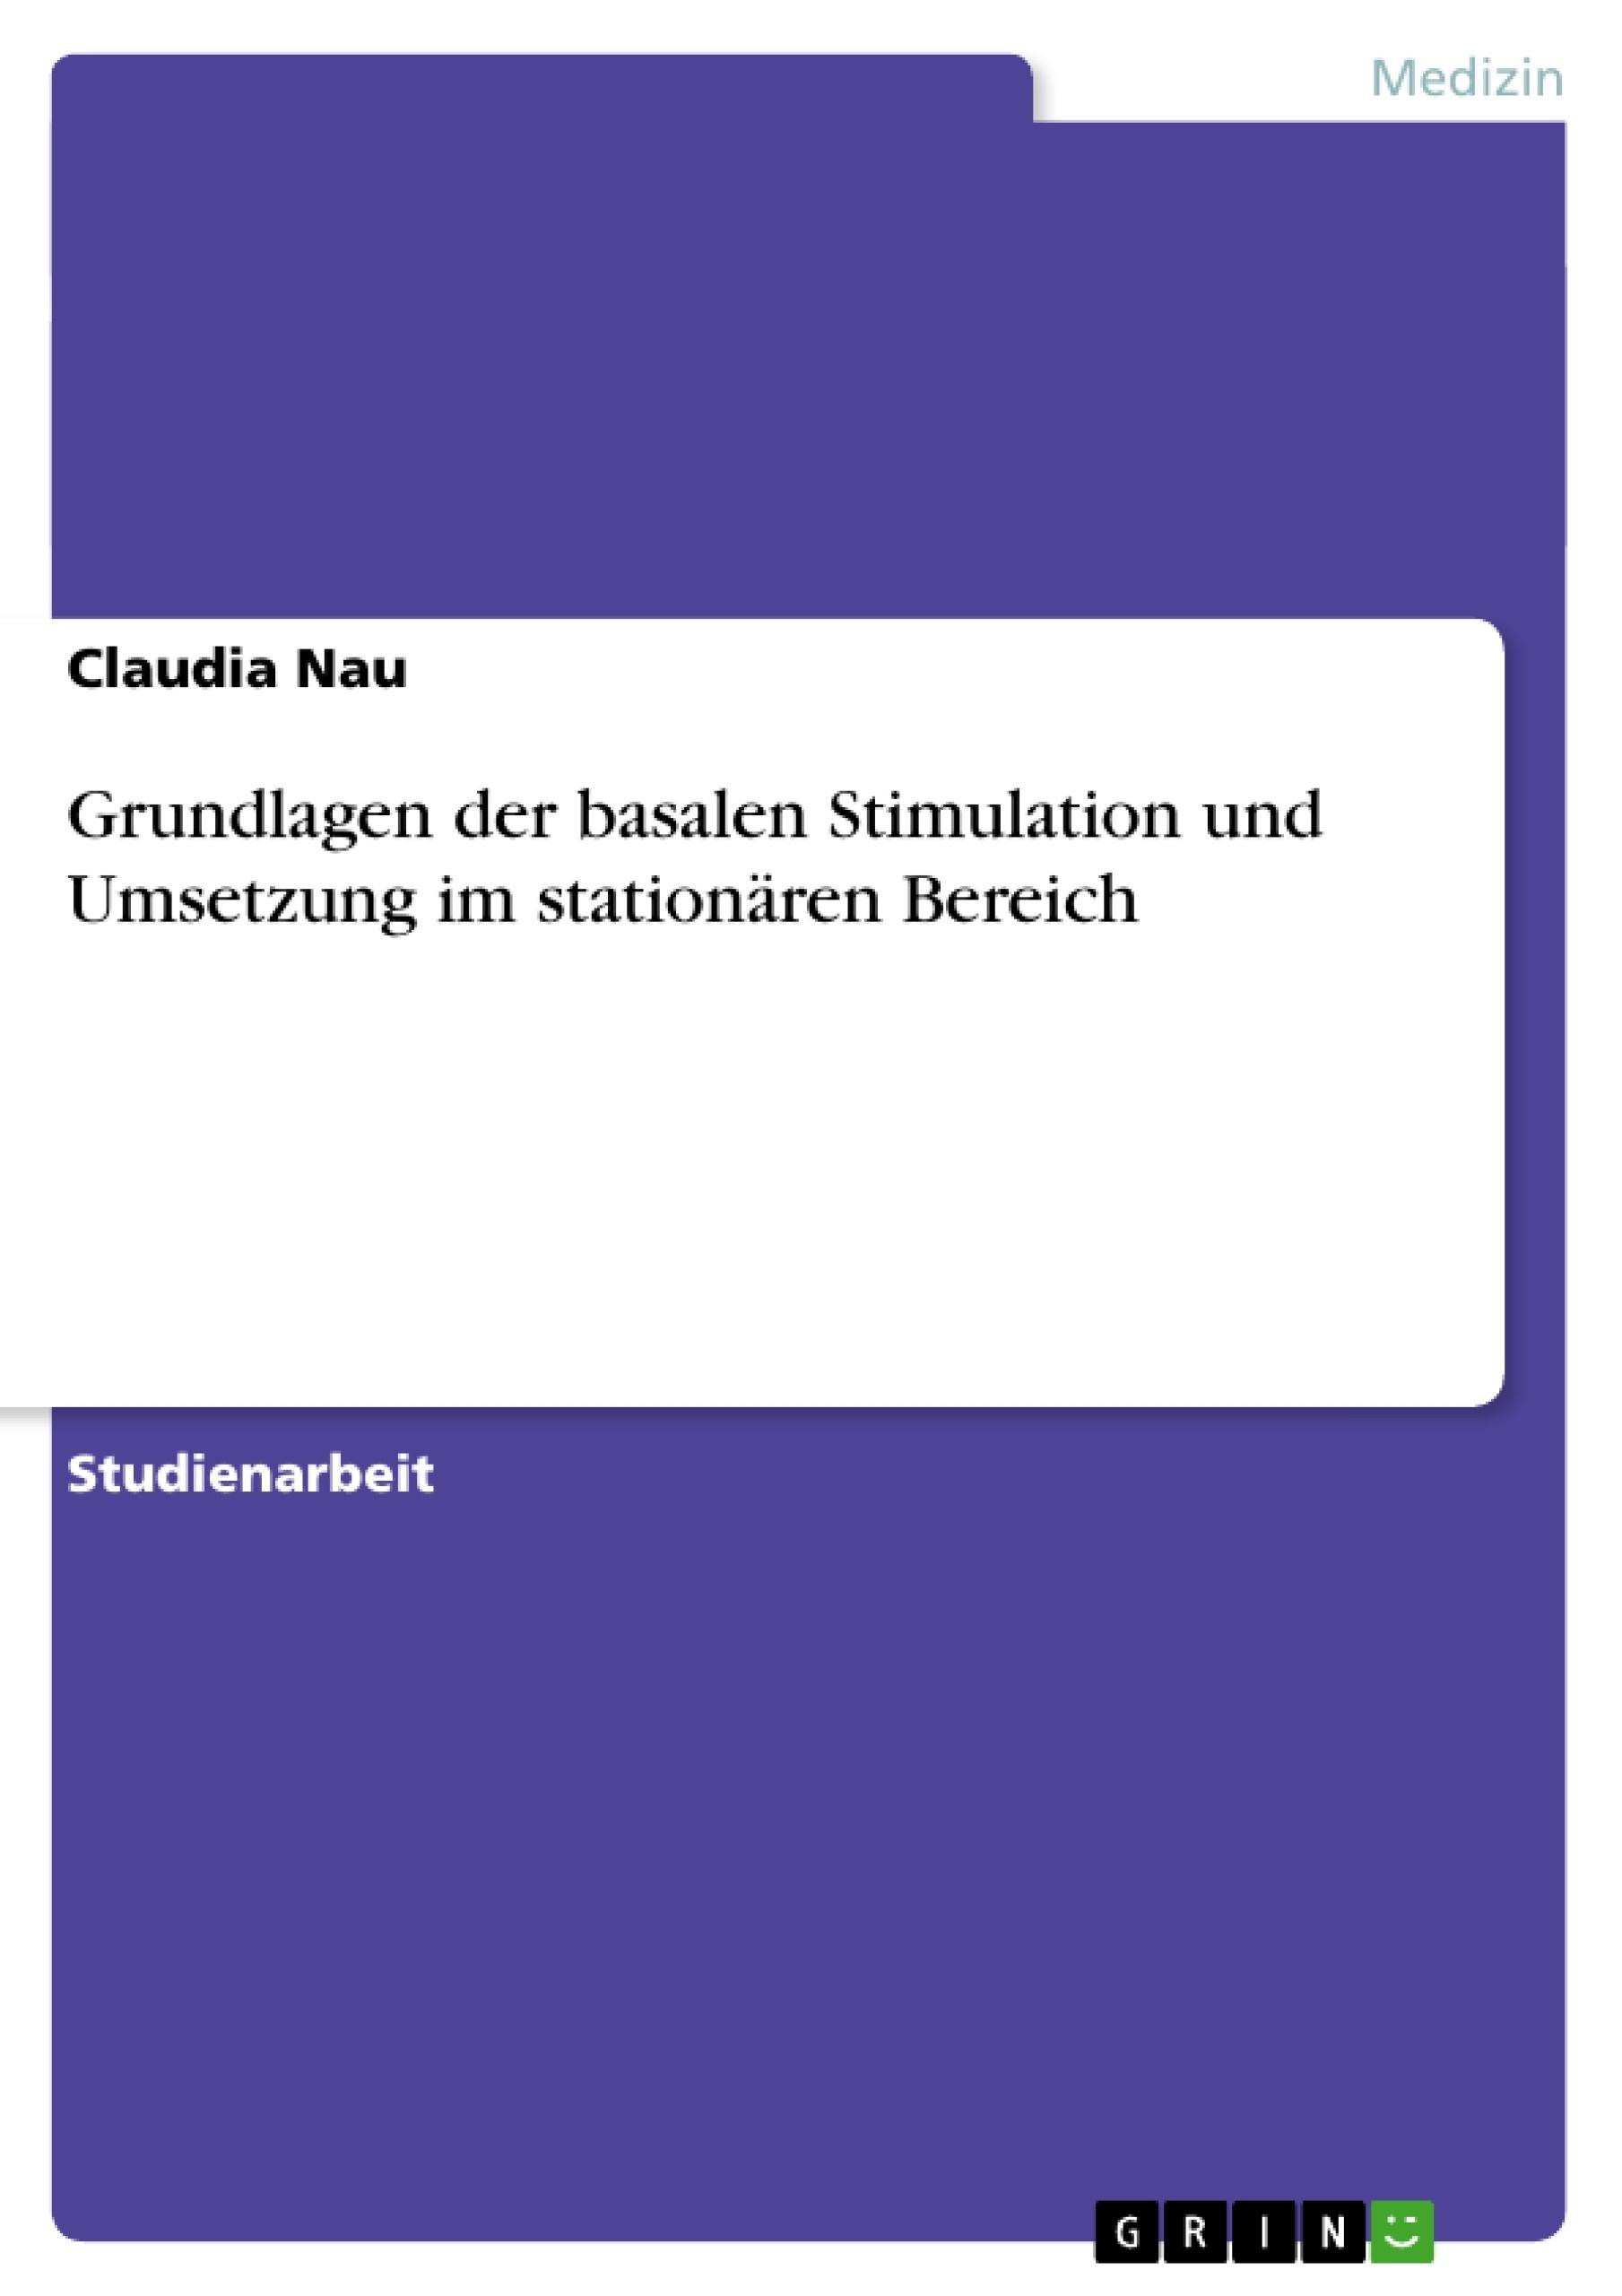 Titel: Grundlagen der basalen Stimulation und Umsetzung im stationären Bereich